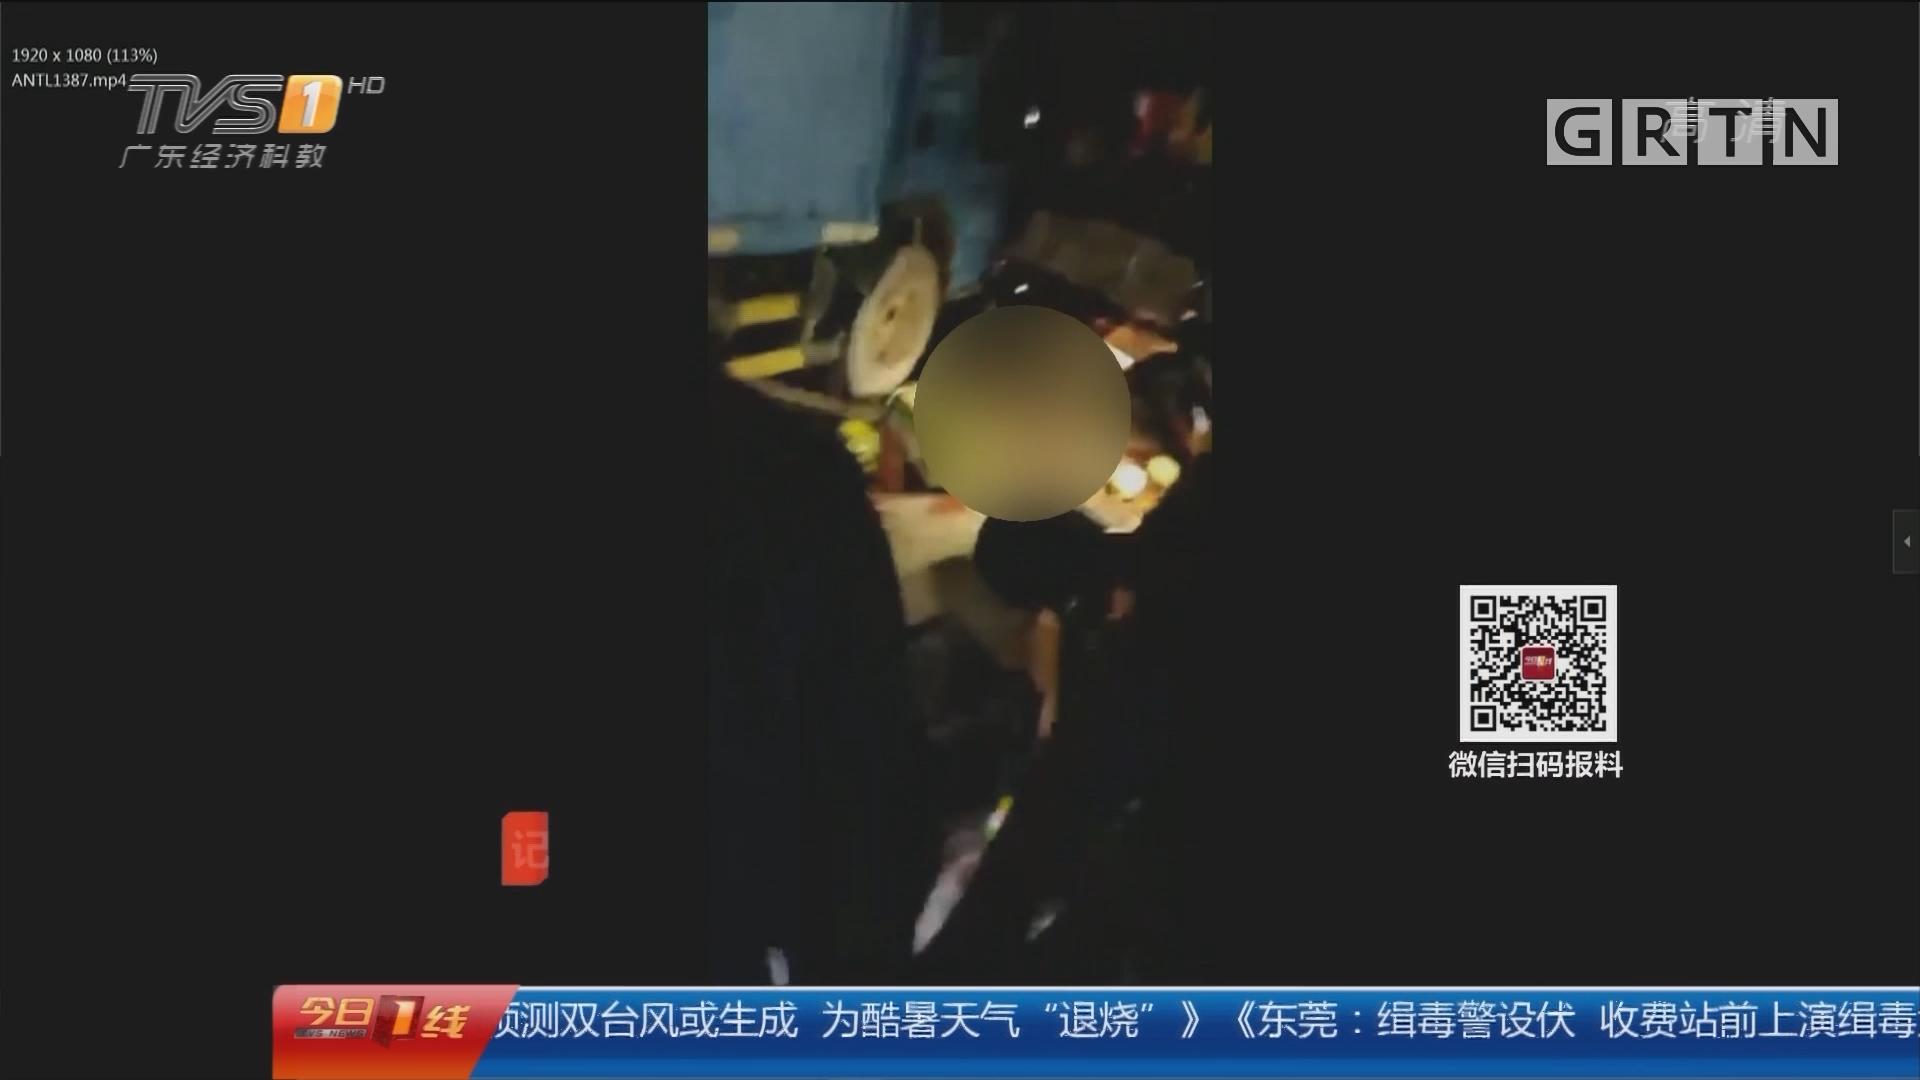 东莞:货车失控酿惨剧 工人被撞3死10伤